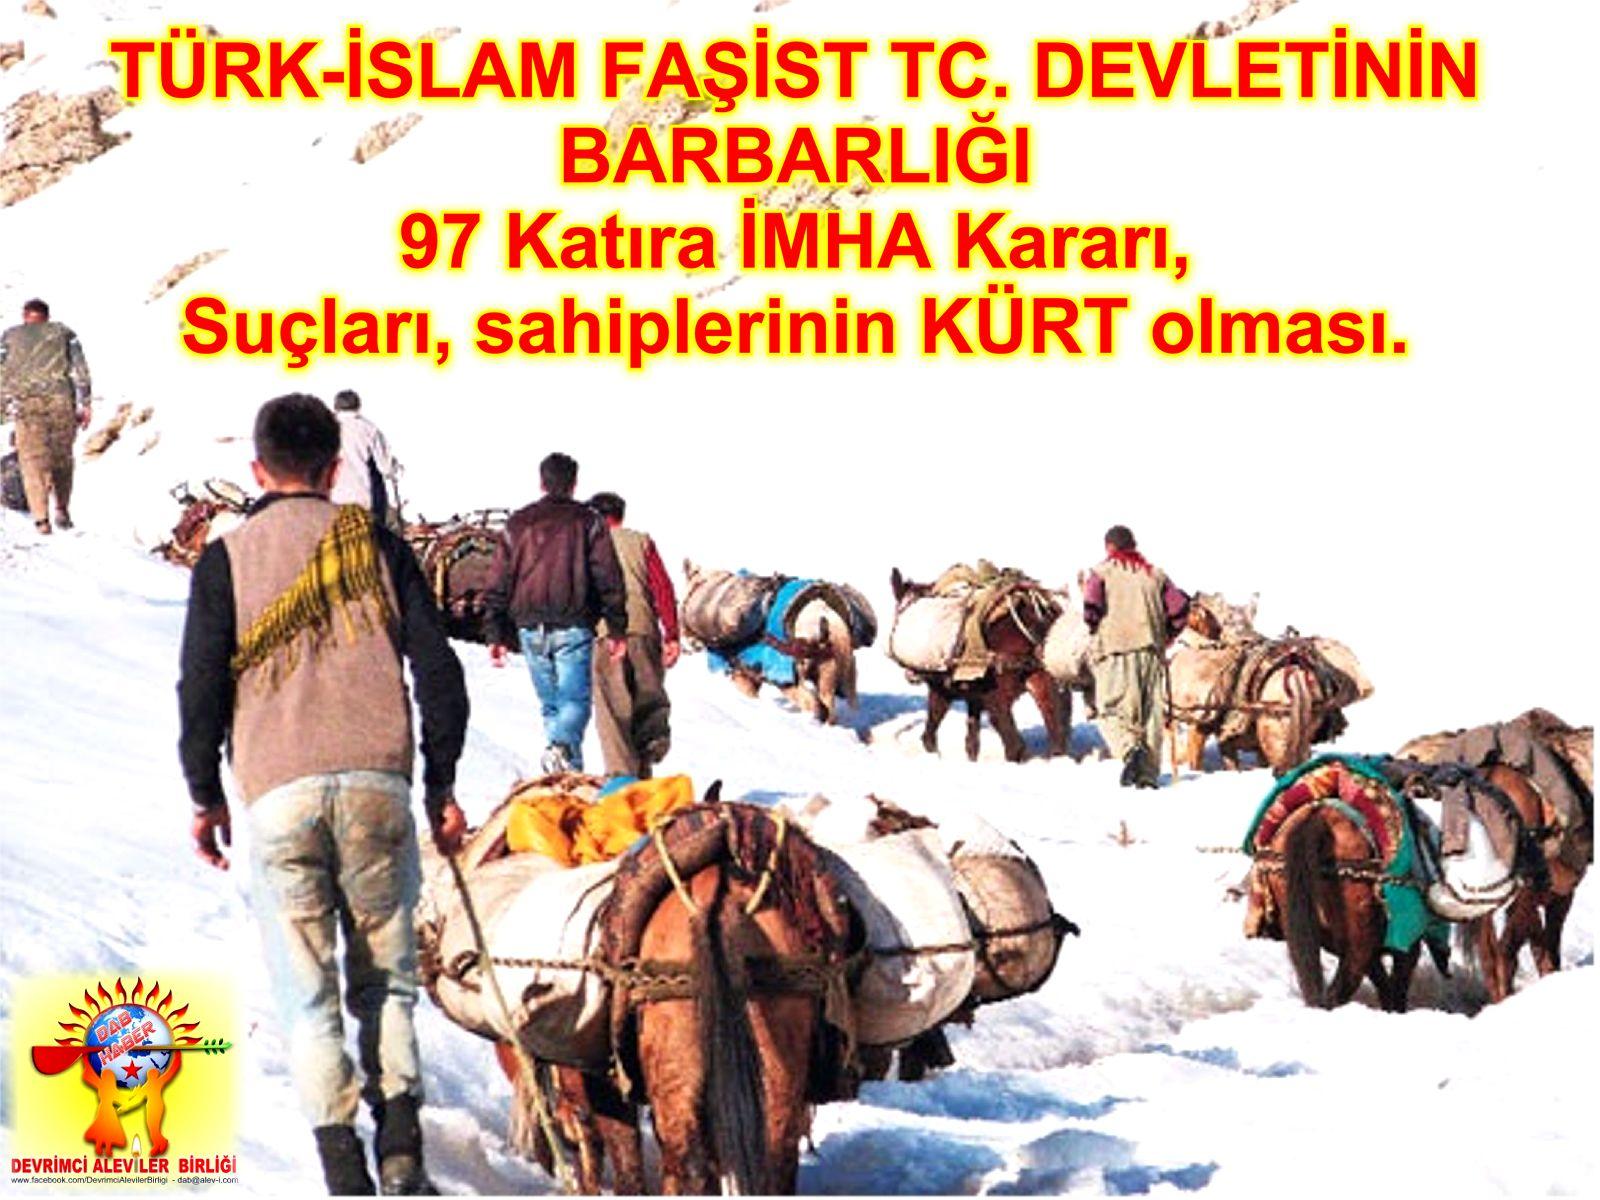 Devrimci Aleviler Birliği DAB Alevi Kızılbaş Bektaşi pir sultan cem hz Ali 12 imam semah Feramuz Şah Acar katirlara imha karari